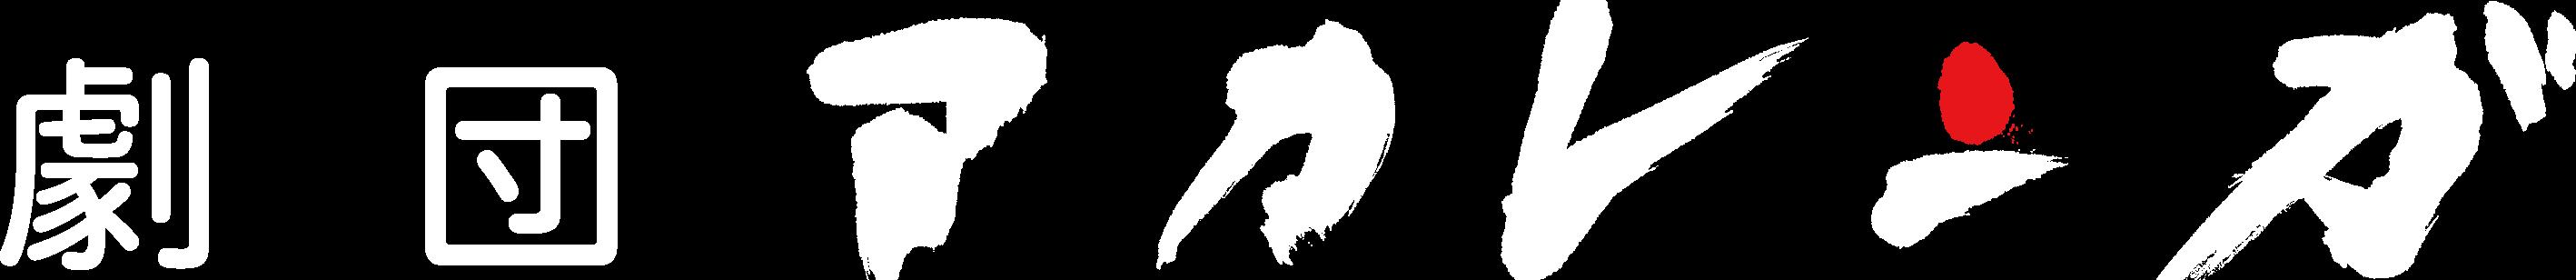 ACALENGA-NEWA-S